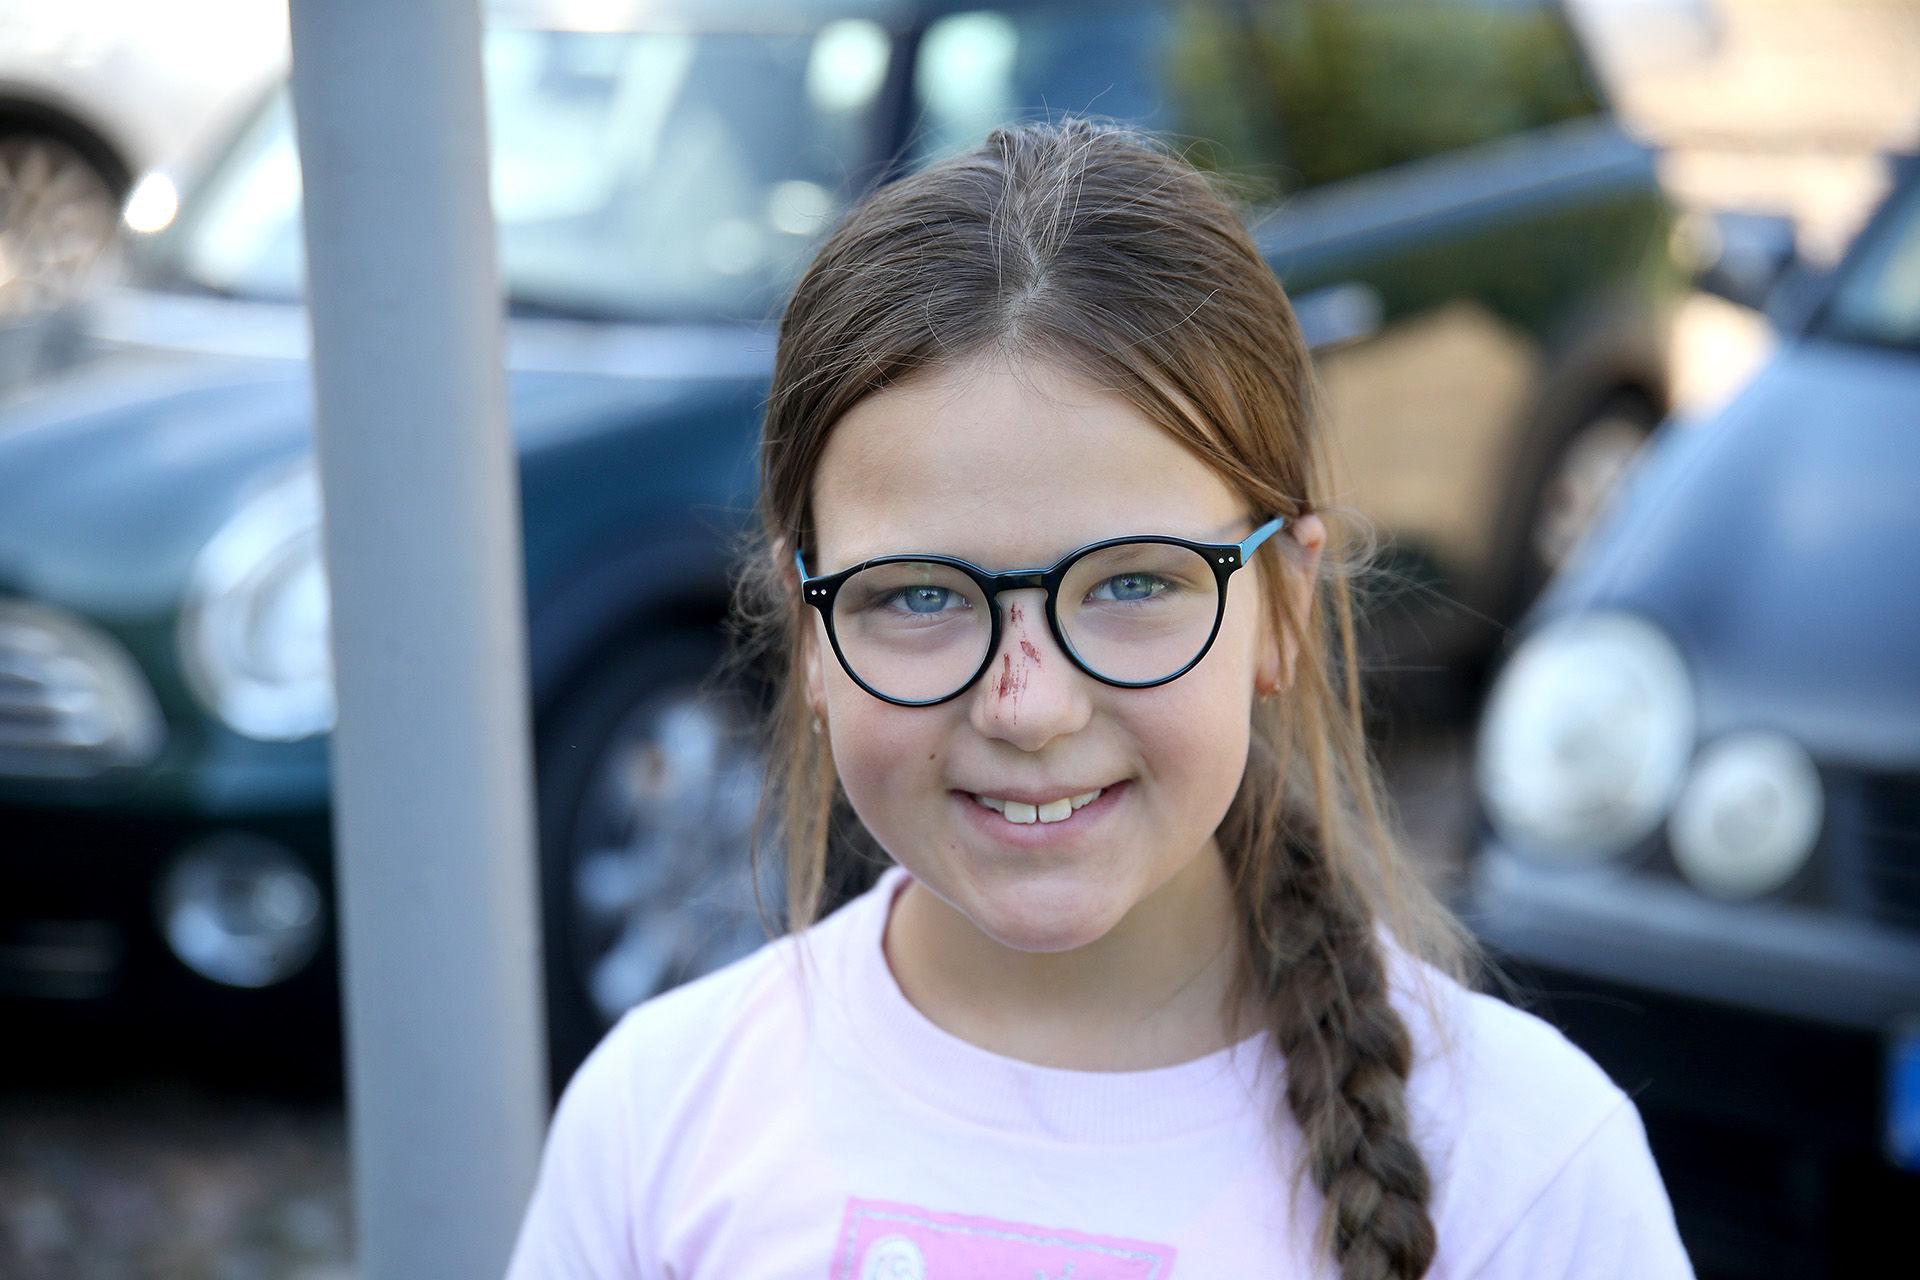 Šiais metais Dailės mokyklą pradėsiančiai lankyti devynmetei Judrei didžiausią įspūdį paliko animacinio filmuko kūrimas bei jaunųjų stovyklautojų apsilankymas Pepės vilaitėje. / Algimanto Barzdžiaus nuotr.